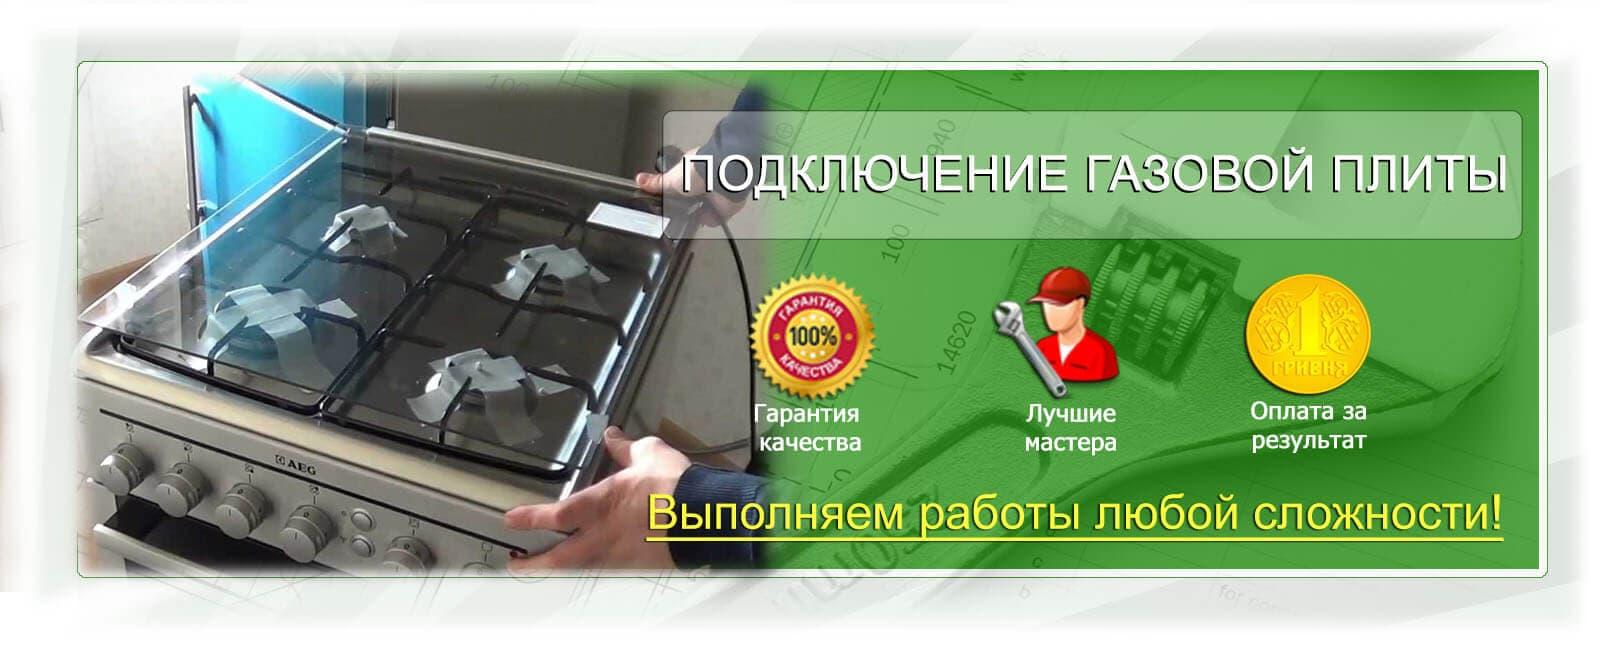 ustanovka-gazovoy-plity